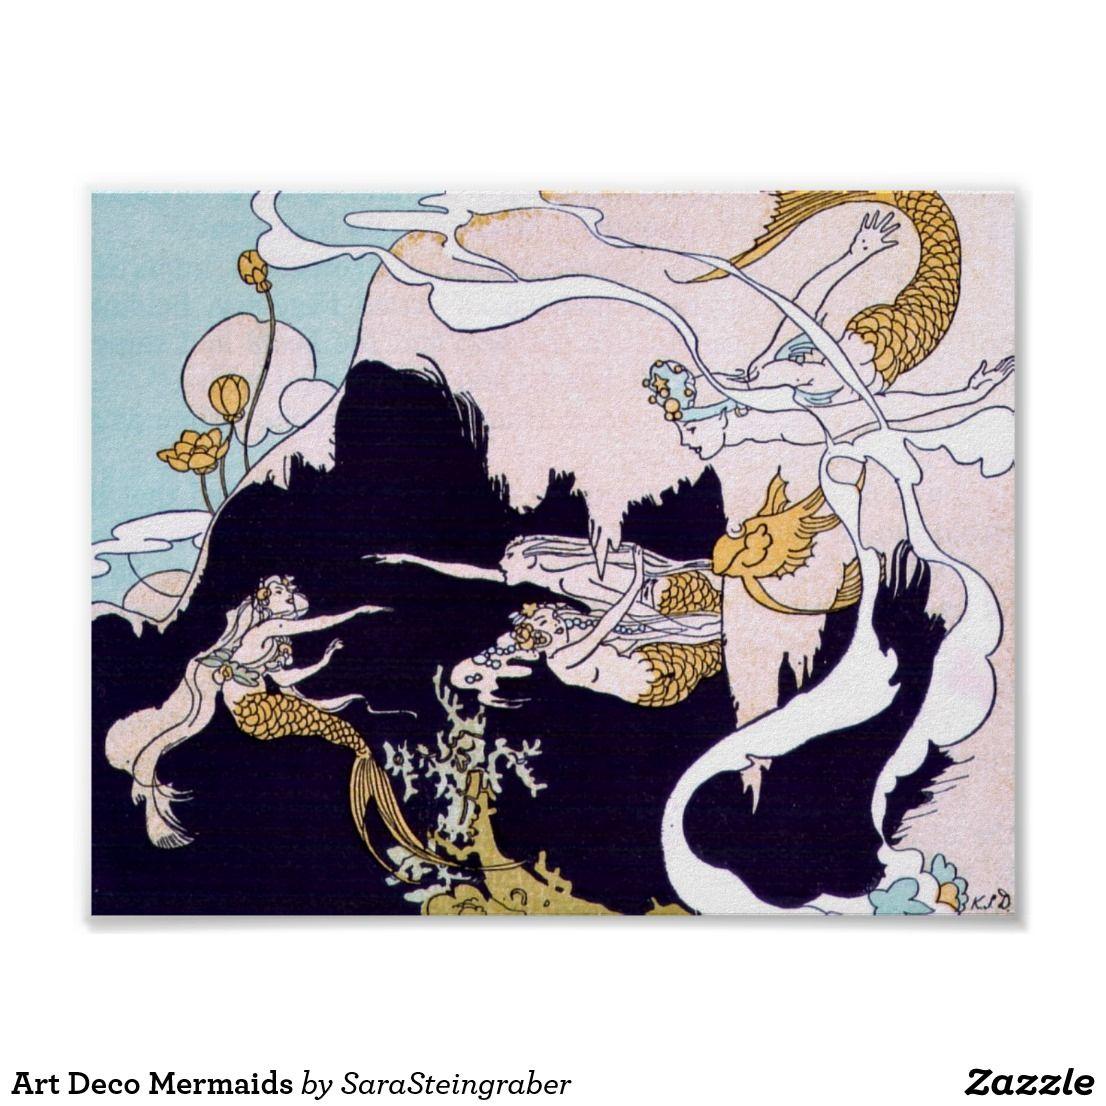 Art deco mermaids poster mermaid poster